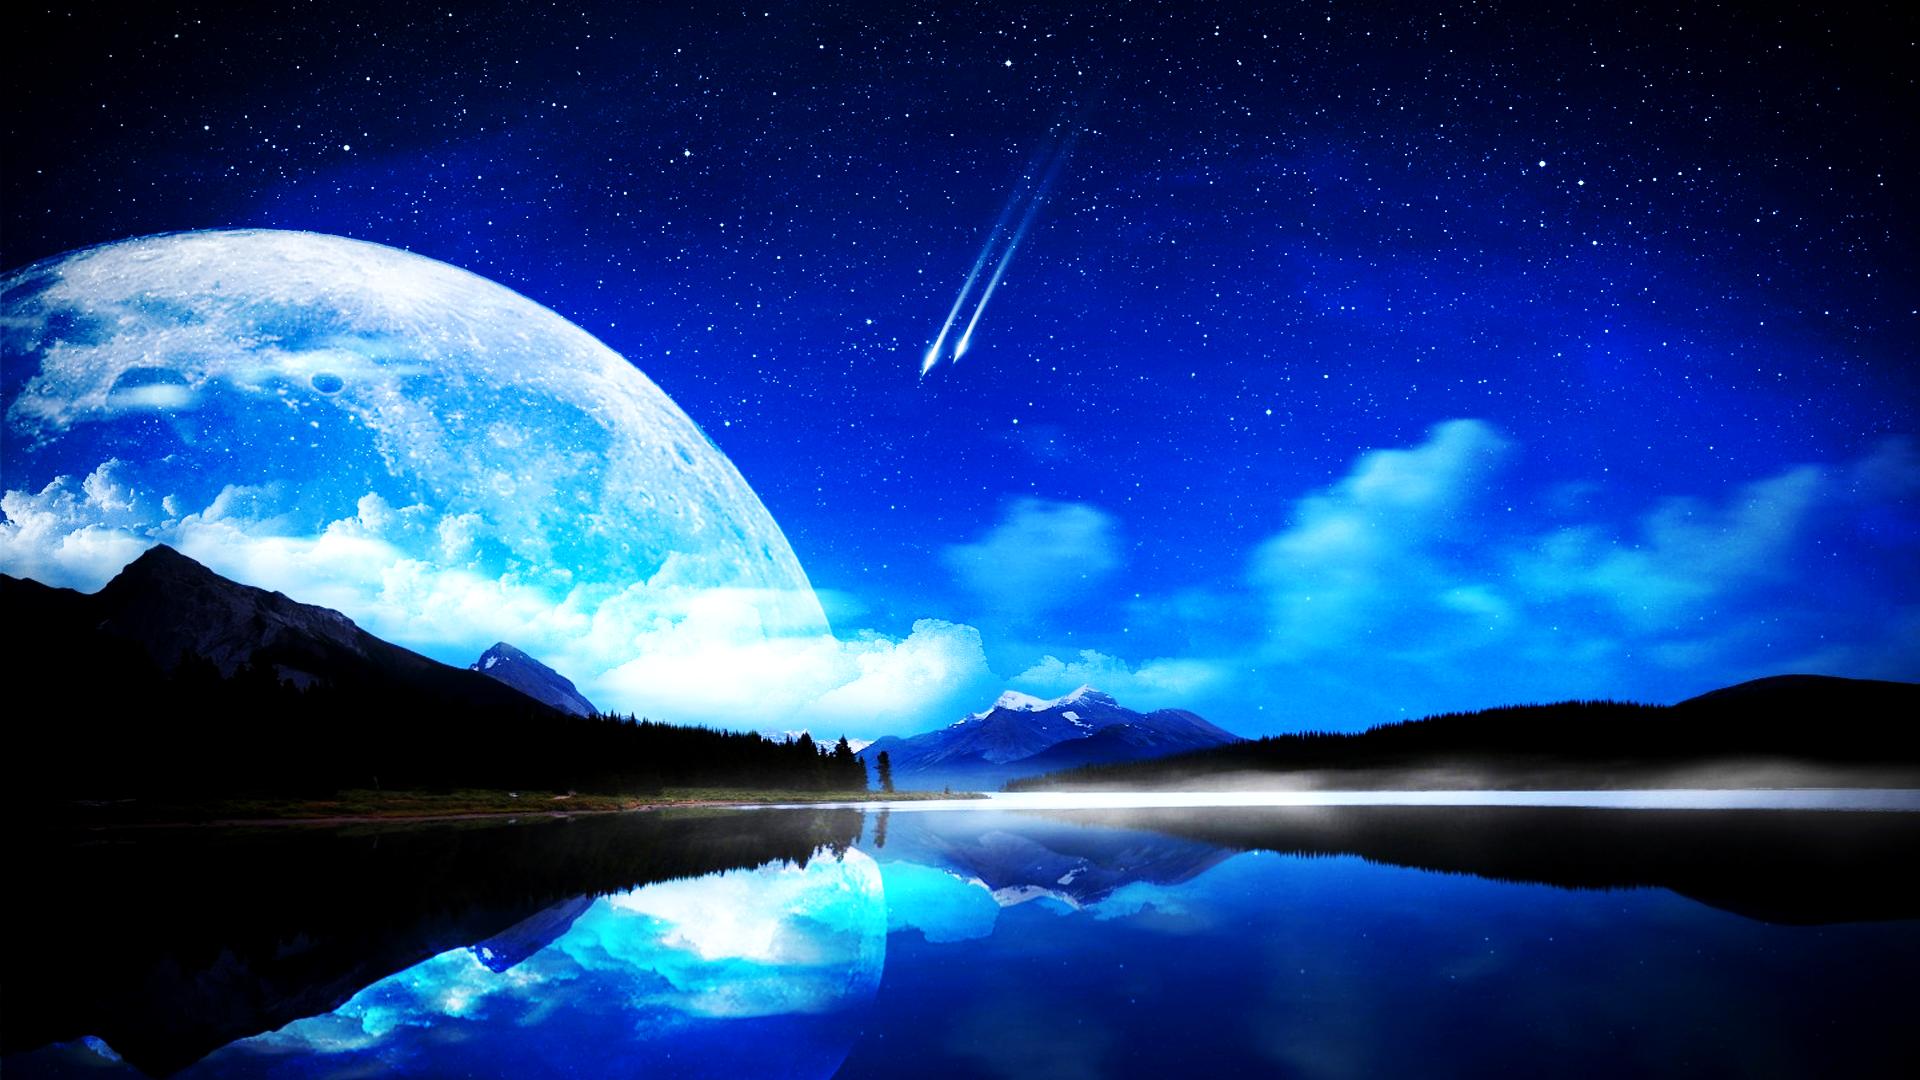 Обои Звездное небо над землей картинки на рабочий стол на тему Космос - скачать  № 1768283 бесплатно